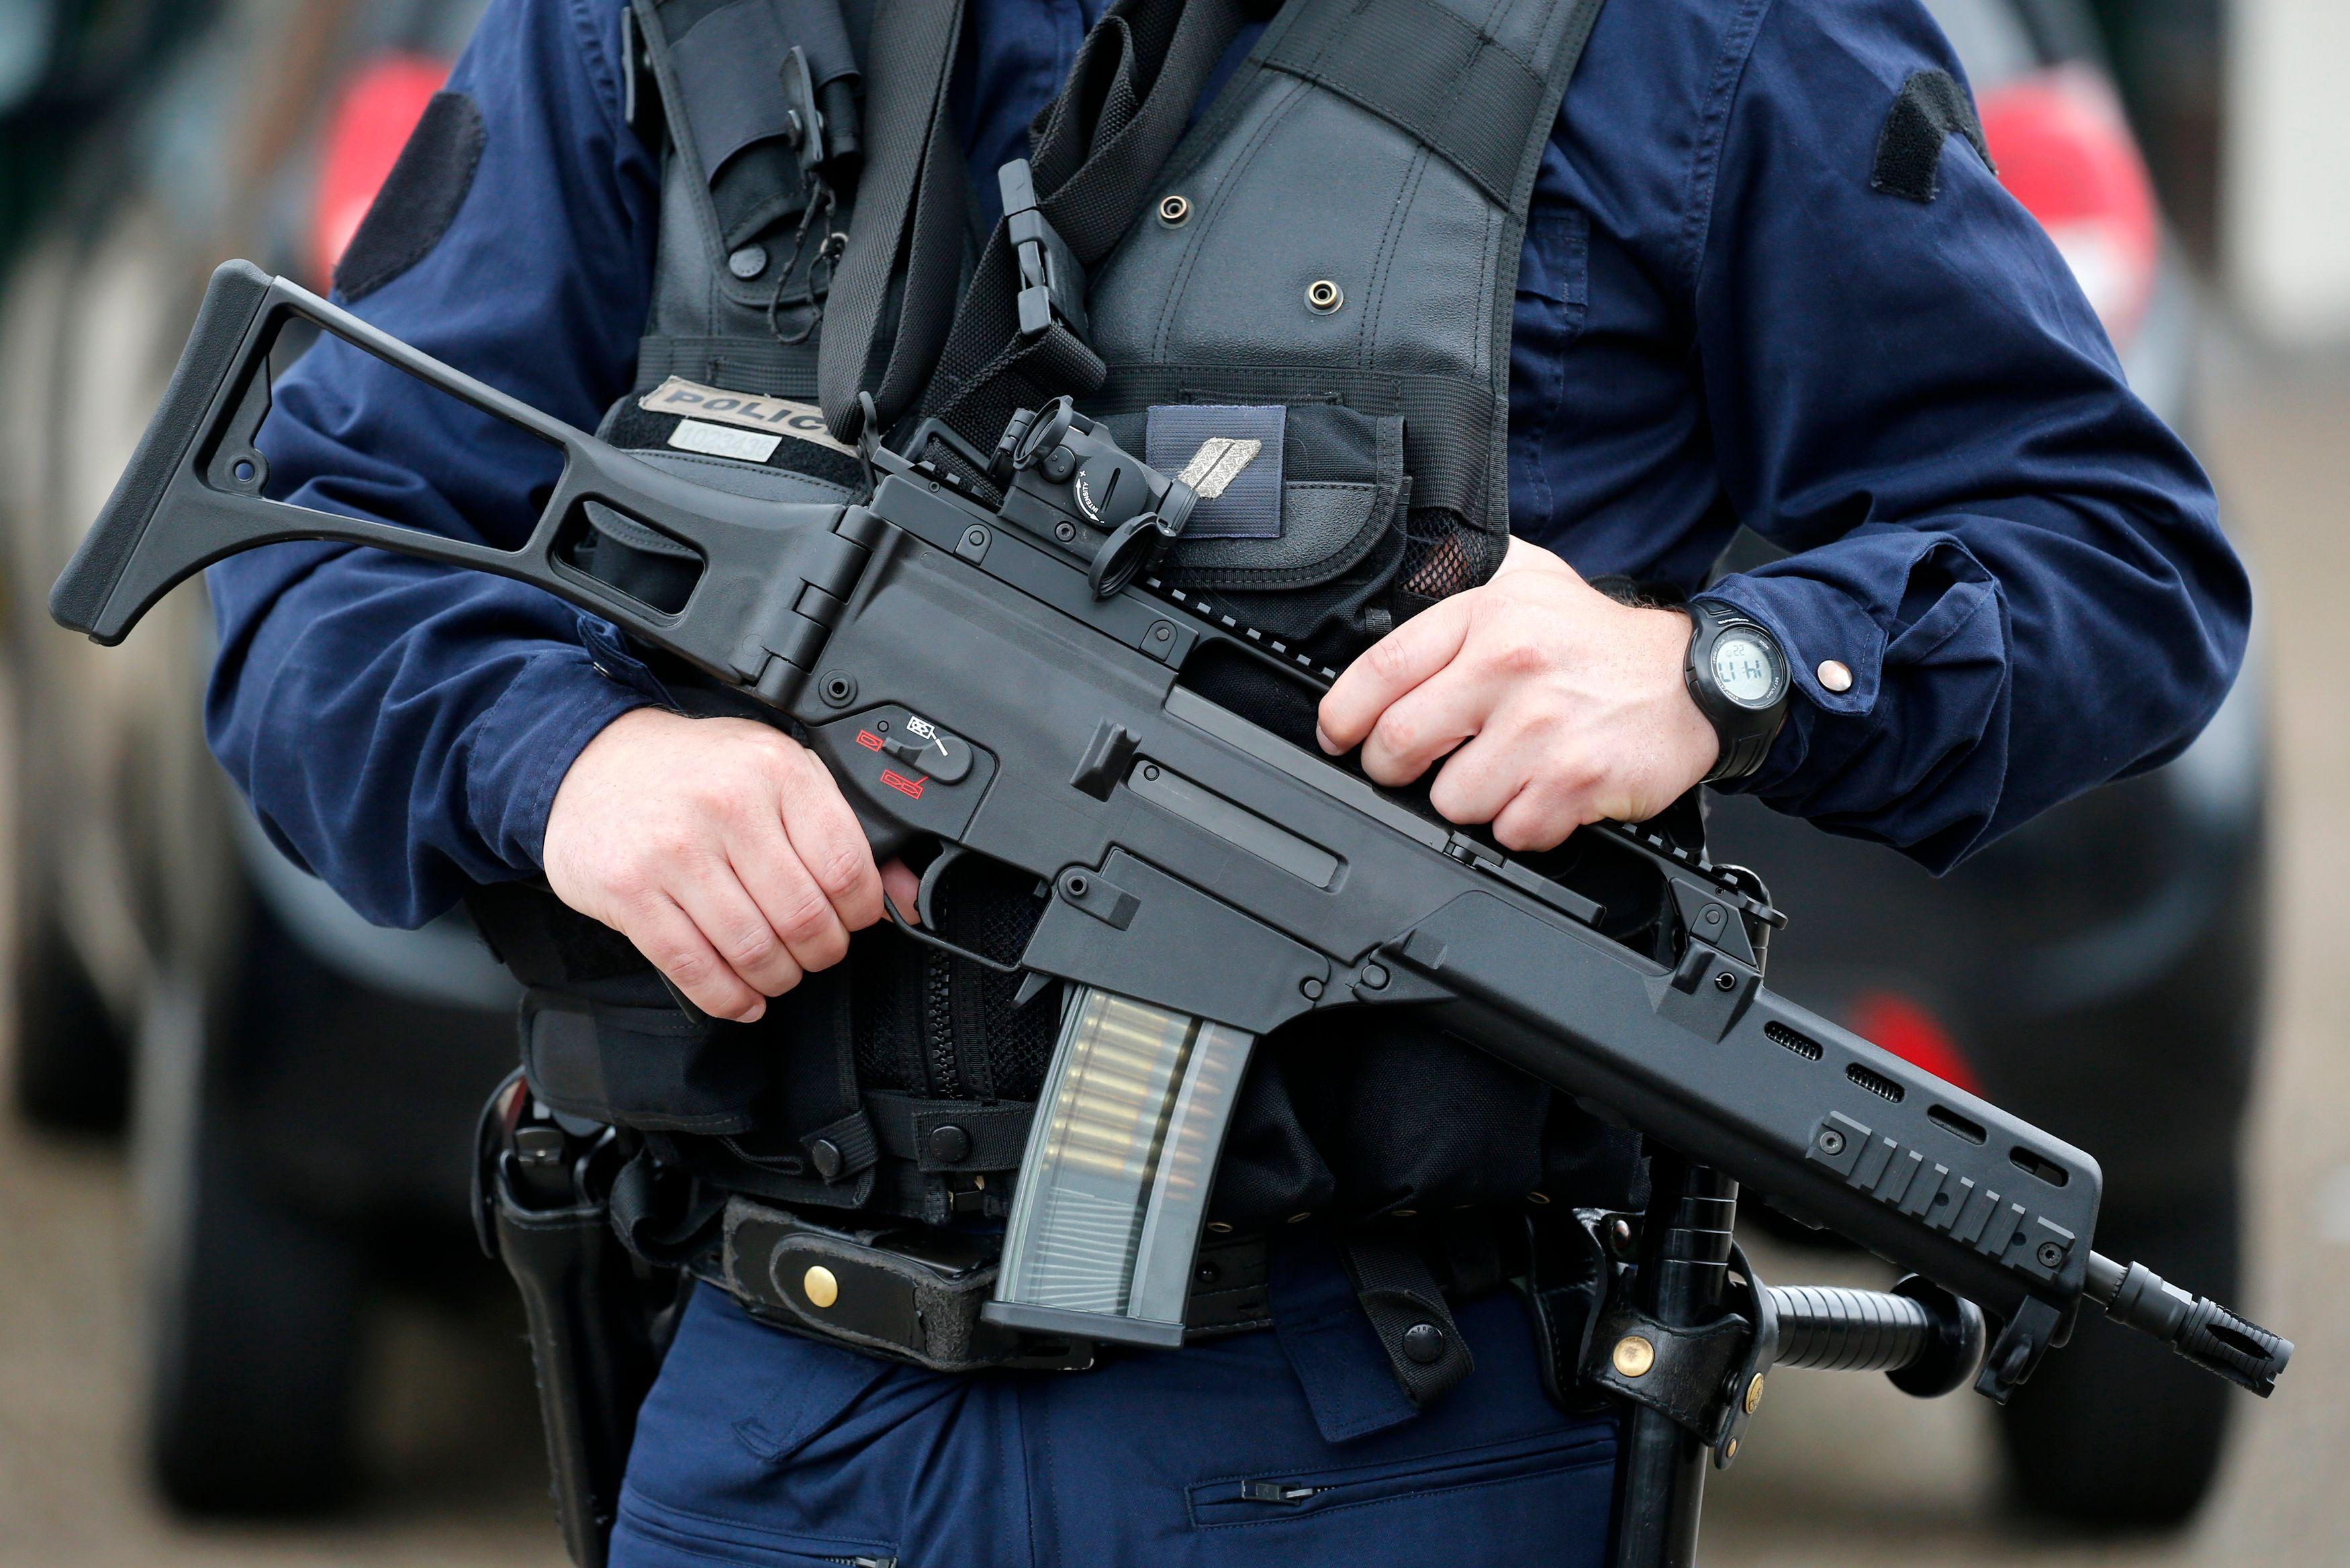 Terrorisme : deux personnes interpellées avant Noël